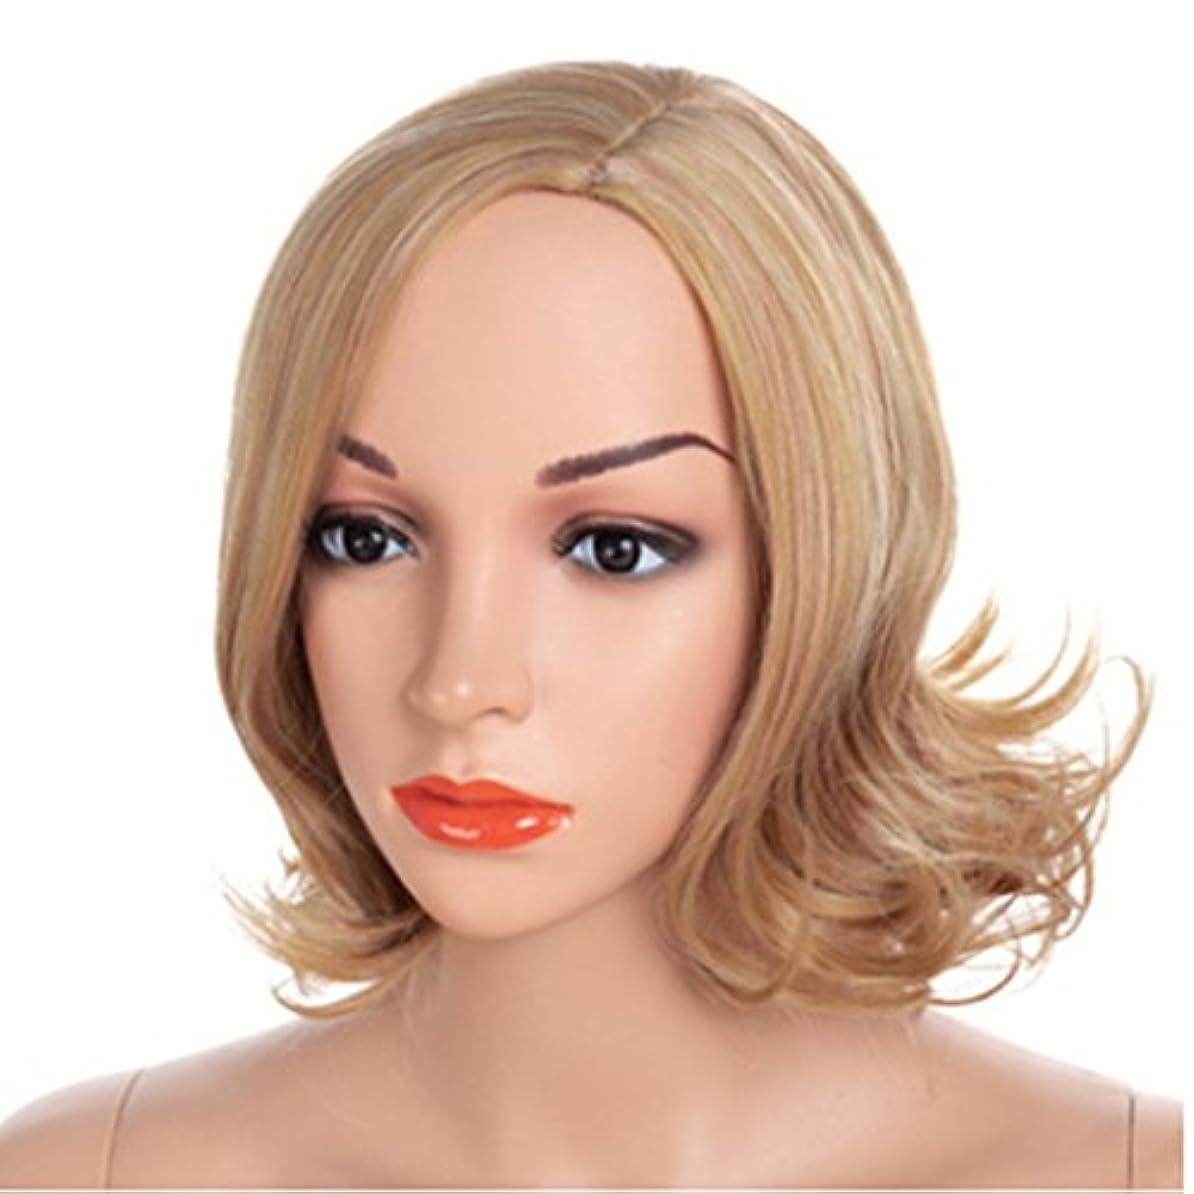 目立つ相関する区別YOUQIU 顔ウィッグで変更することができ黄金の髪の色とAウィッグ髪型の40センチメートル女性のかつら髪型メッシー伐採 (色 : ゴールド)